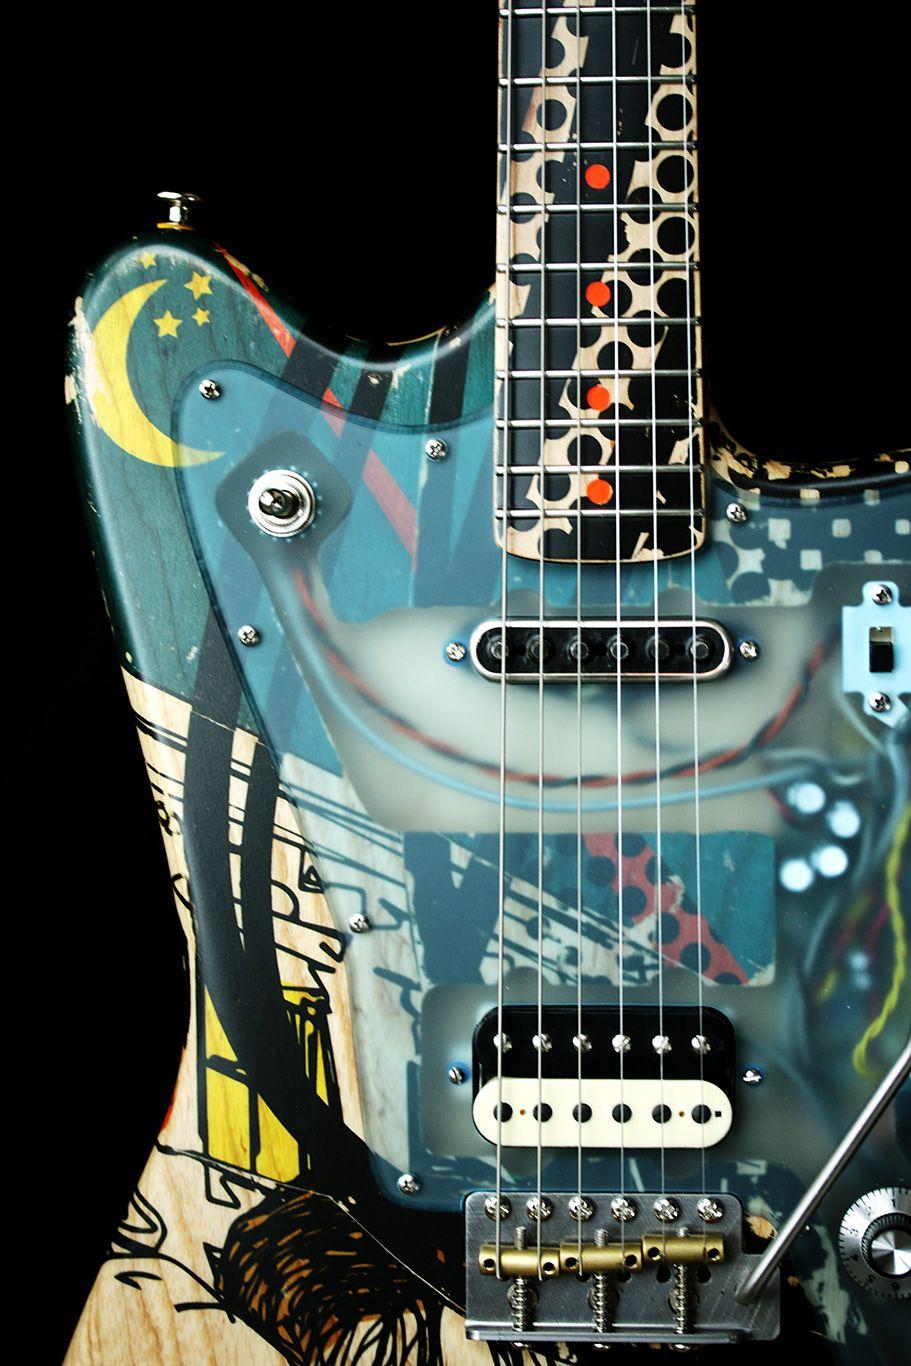 Deimel Firestar Artist Edition Berlin Tonight Art By Kora Junger Guitar Cool Guitar Luthier Guitar